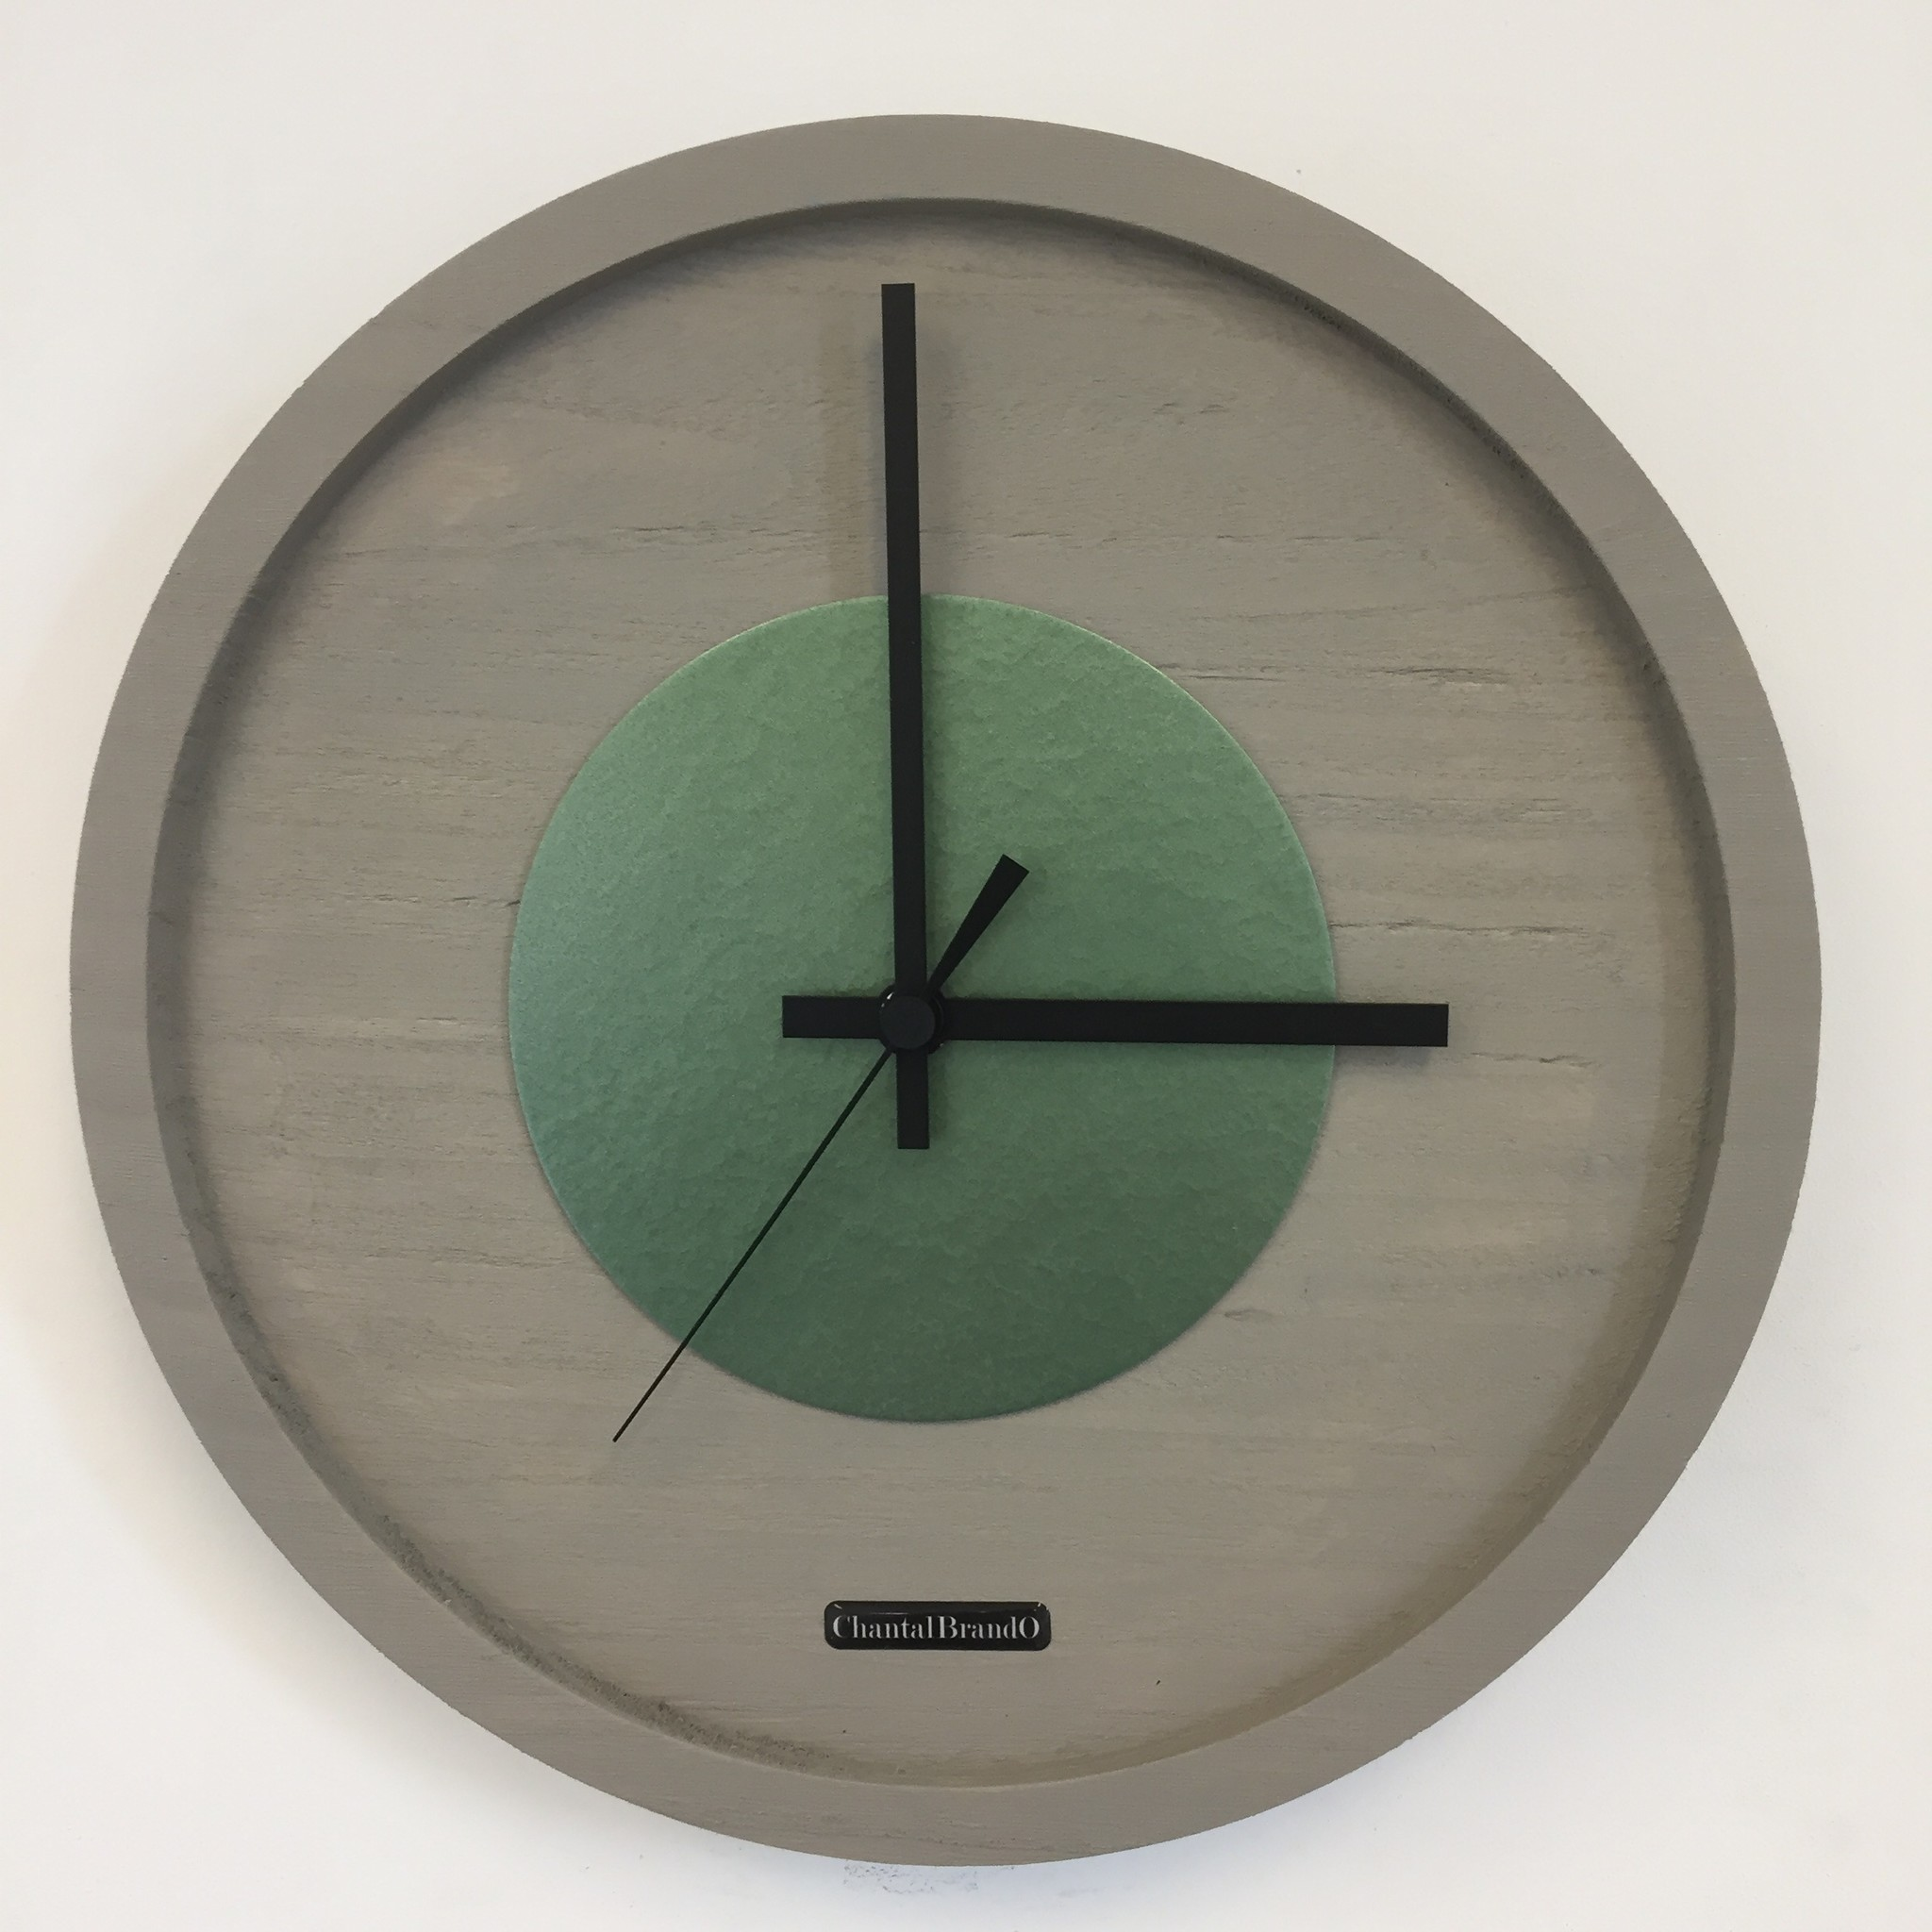 ChantalBrandO Wandklok Quinten Green Hammer Modern Design